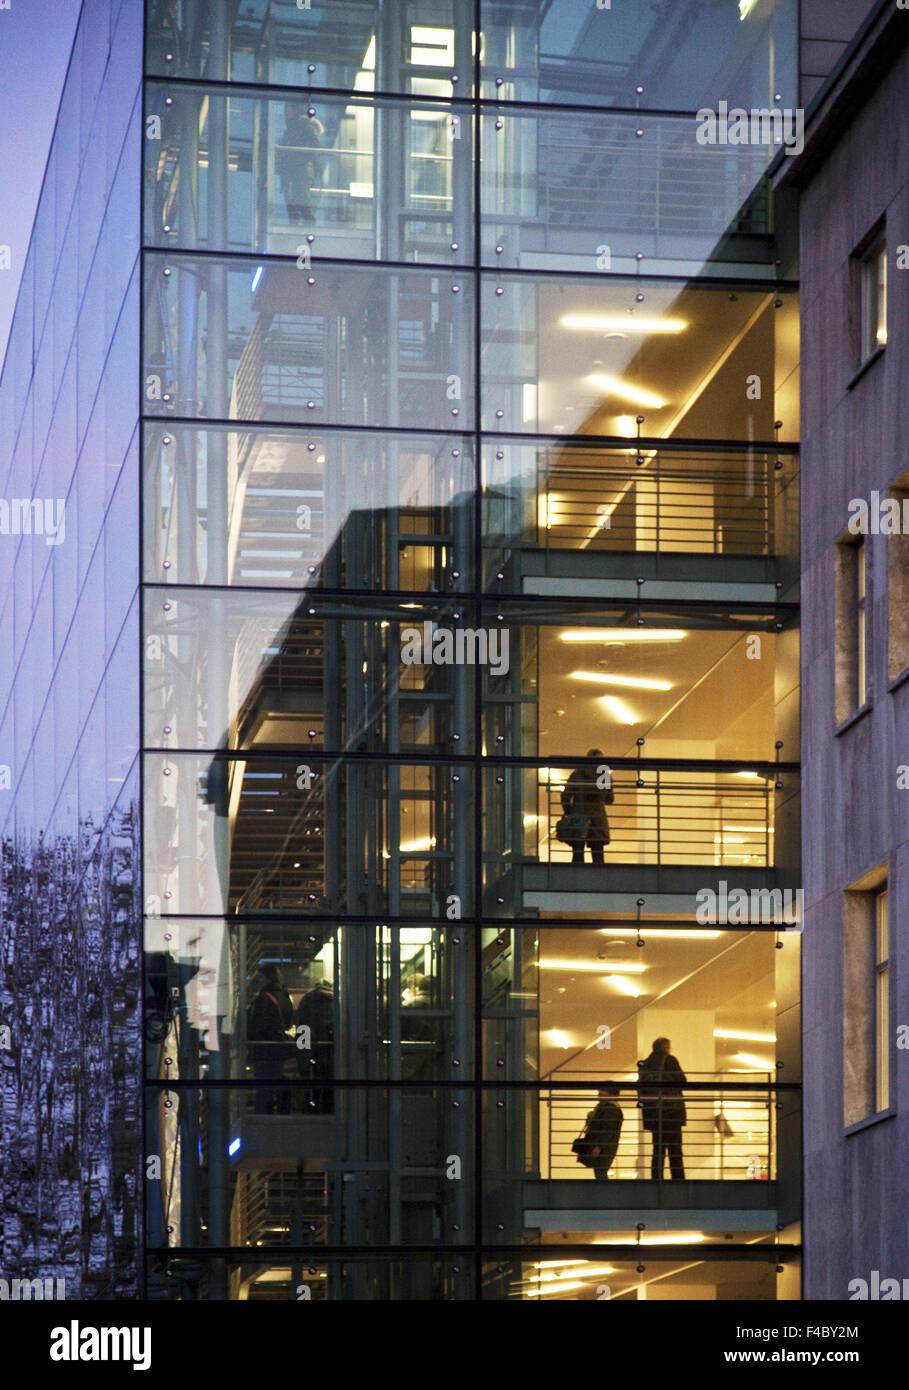 Persone in architettura moderna, Essen, Germania Immagini Stock